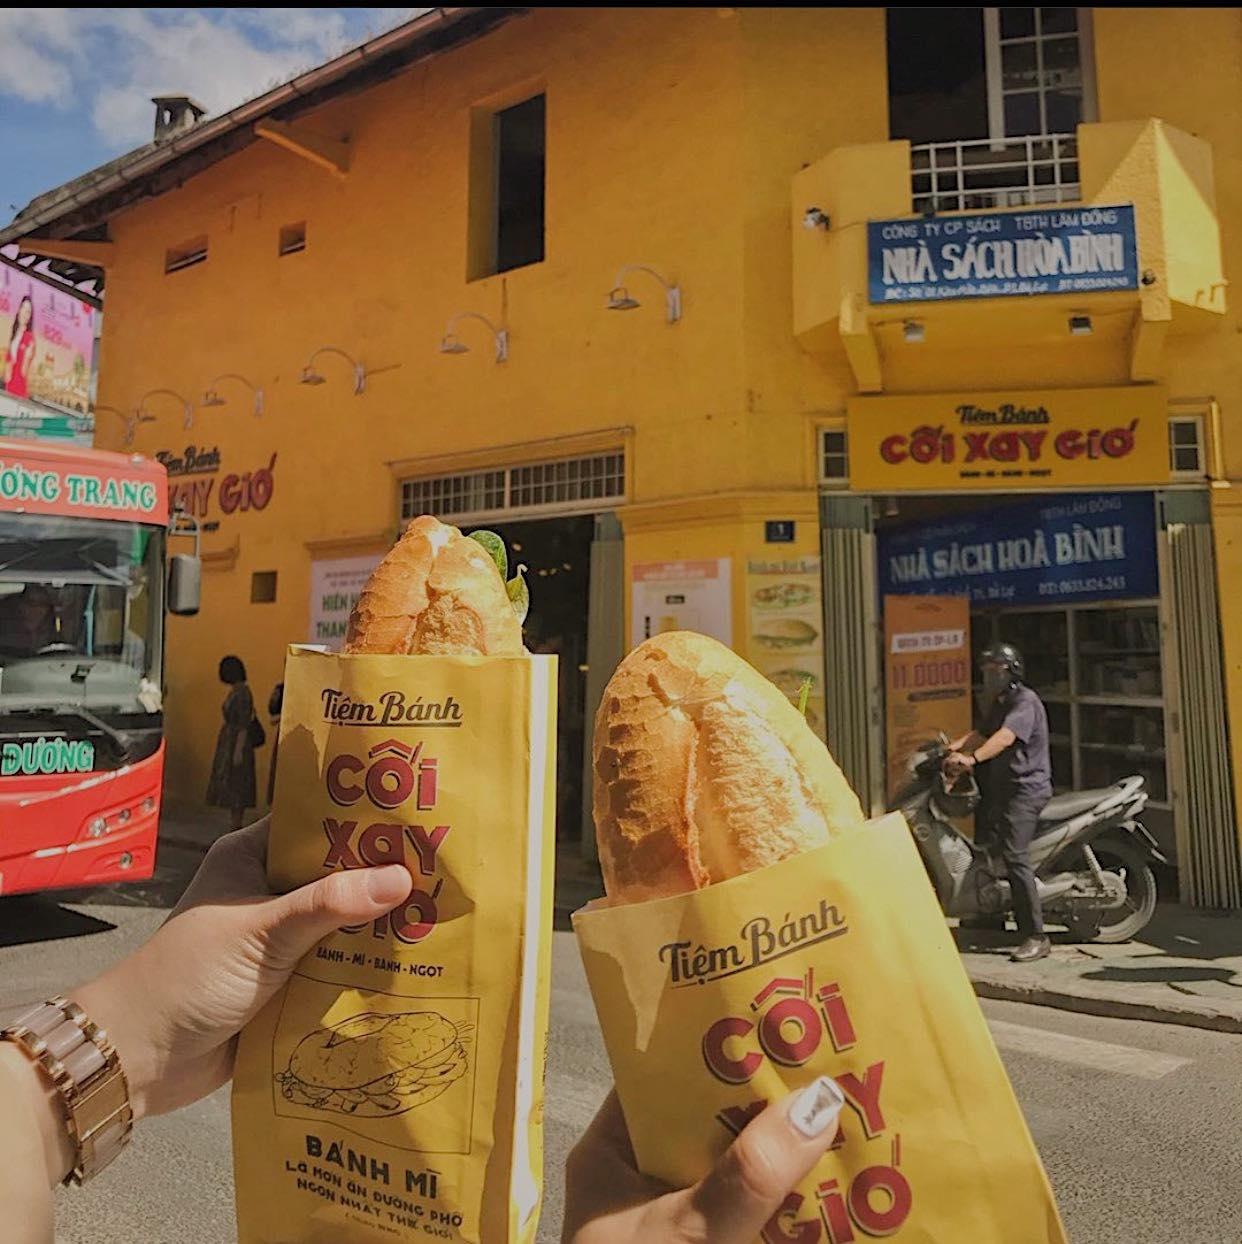 Bức tường vàng huyền thoại tiệm bánh Cối Xay Gió nổi tiếng Đà Lạt sẽ biến mất sau 1 tuần nữa 4